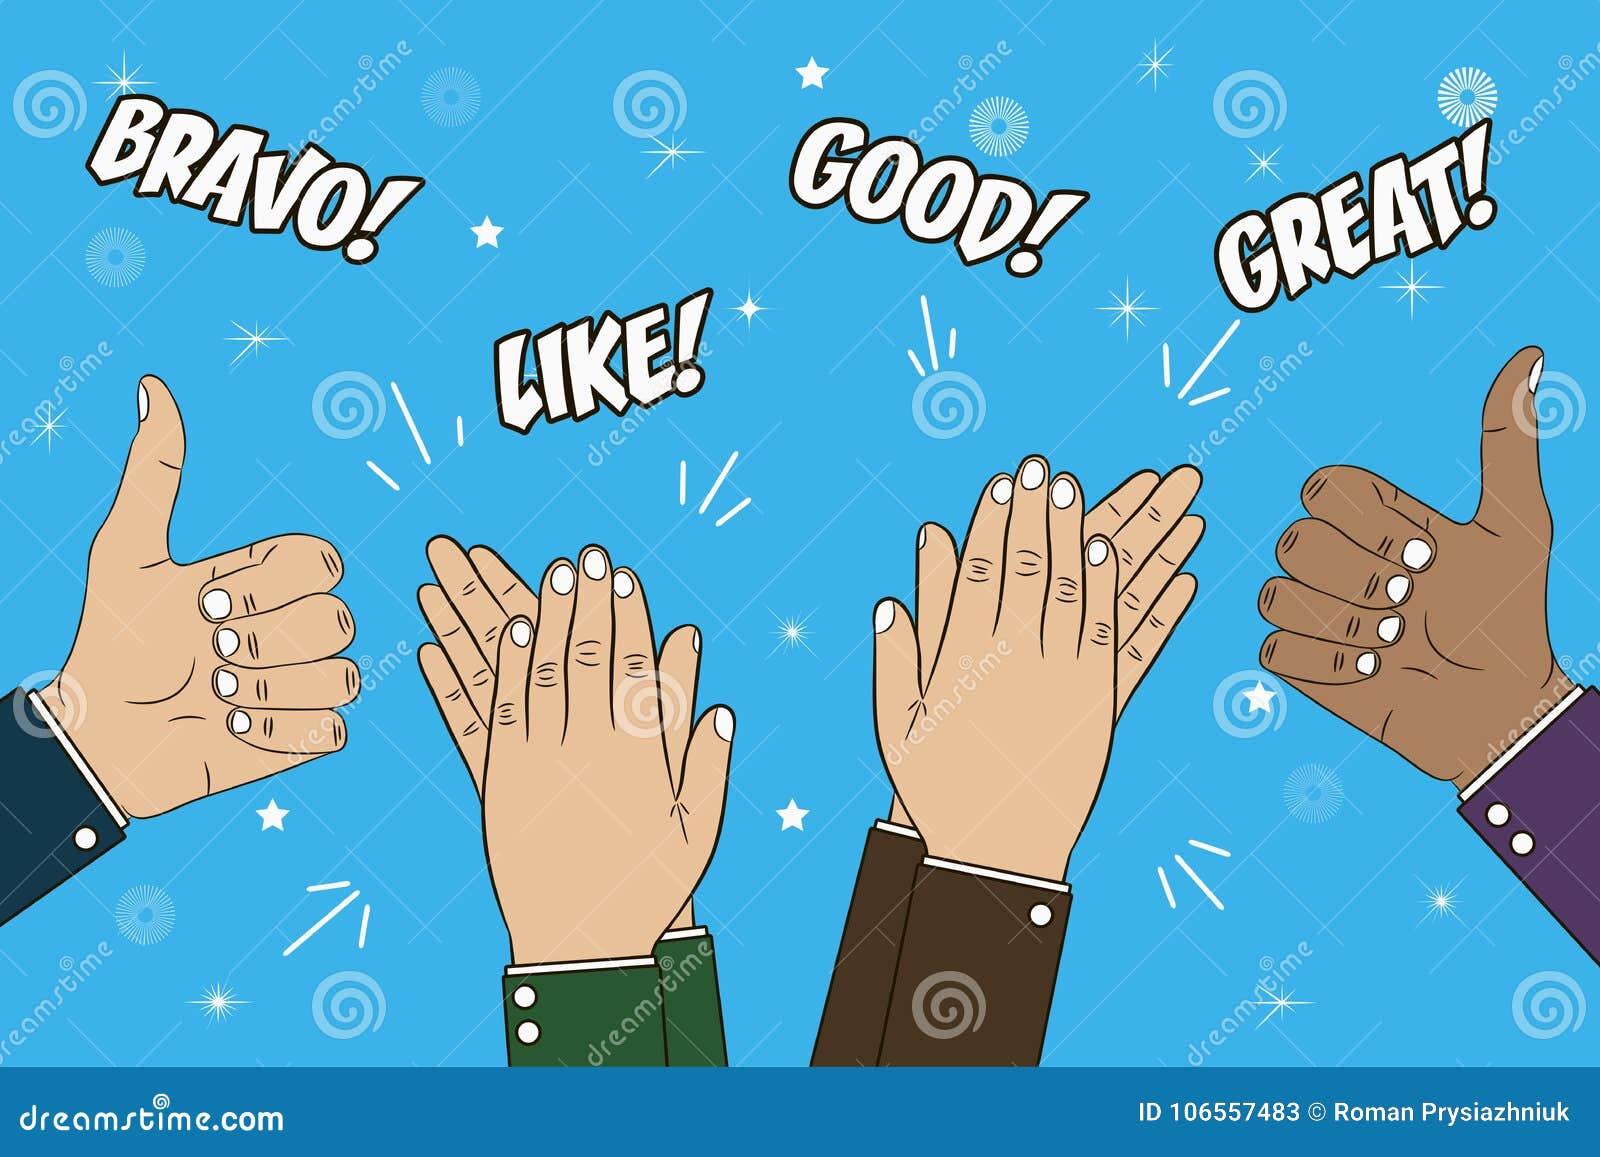 Χτύπημα, επιδοκιμασία και αντίχειρας χεριών επάνω στη χειρονομία Απεικόνιση έννοιας συγχαρητηρίων με το κείμενο - bravo, μεγάλο,